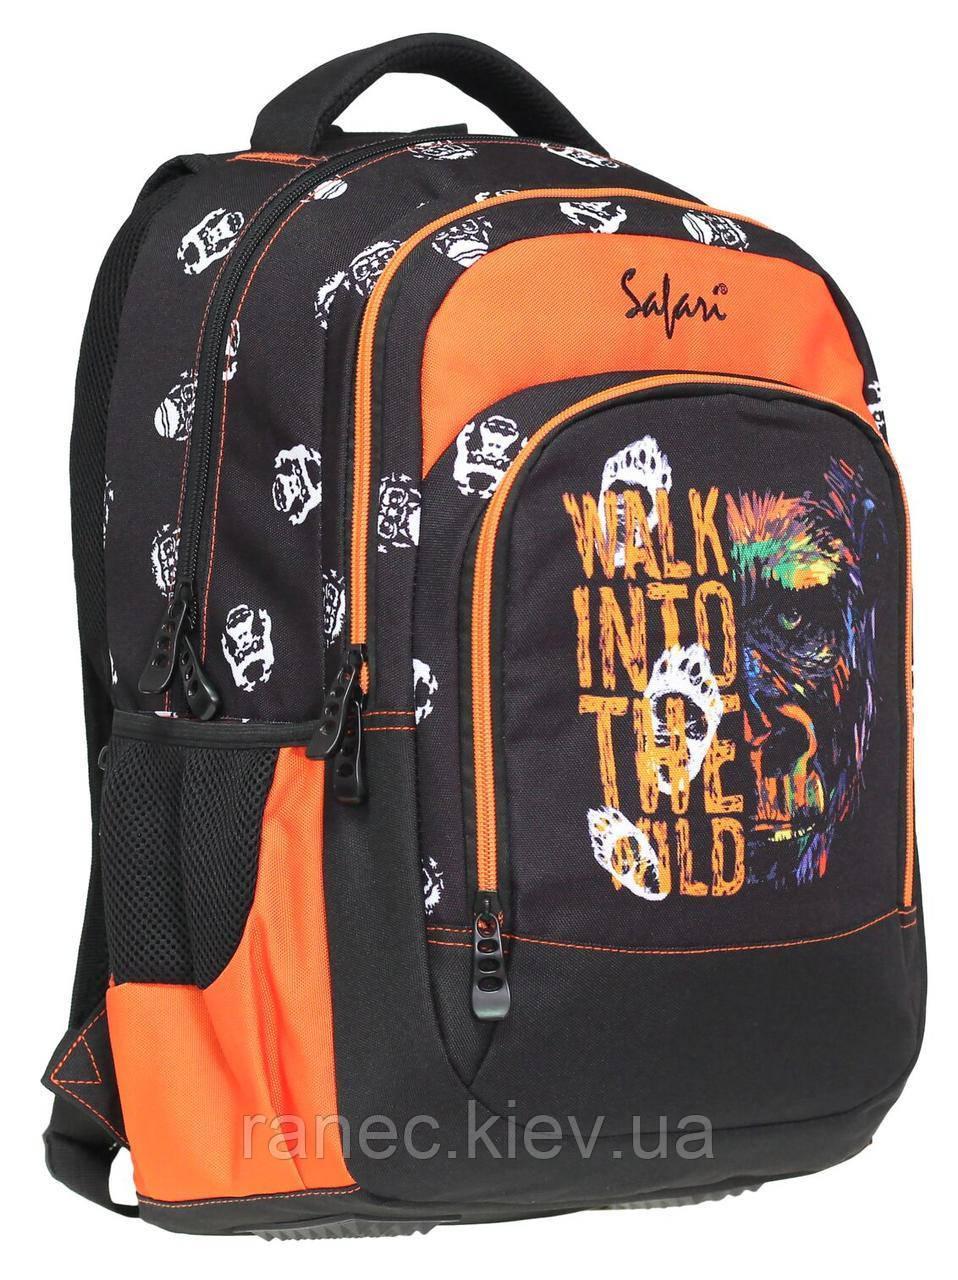 Рюкзак молодежный Safari Trend 2 отделения 19-116L-6